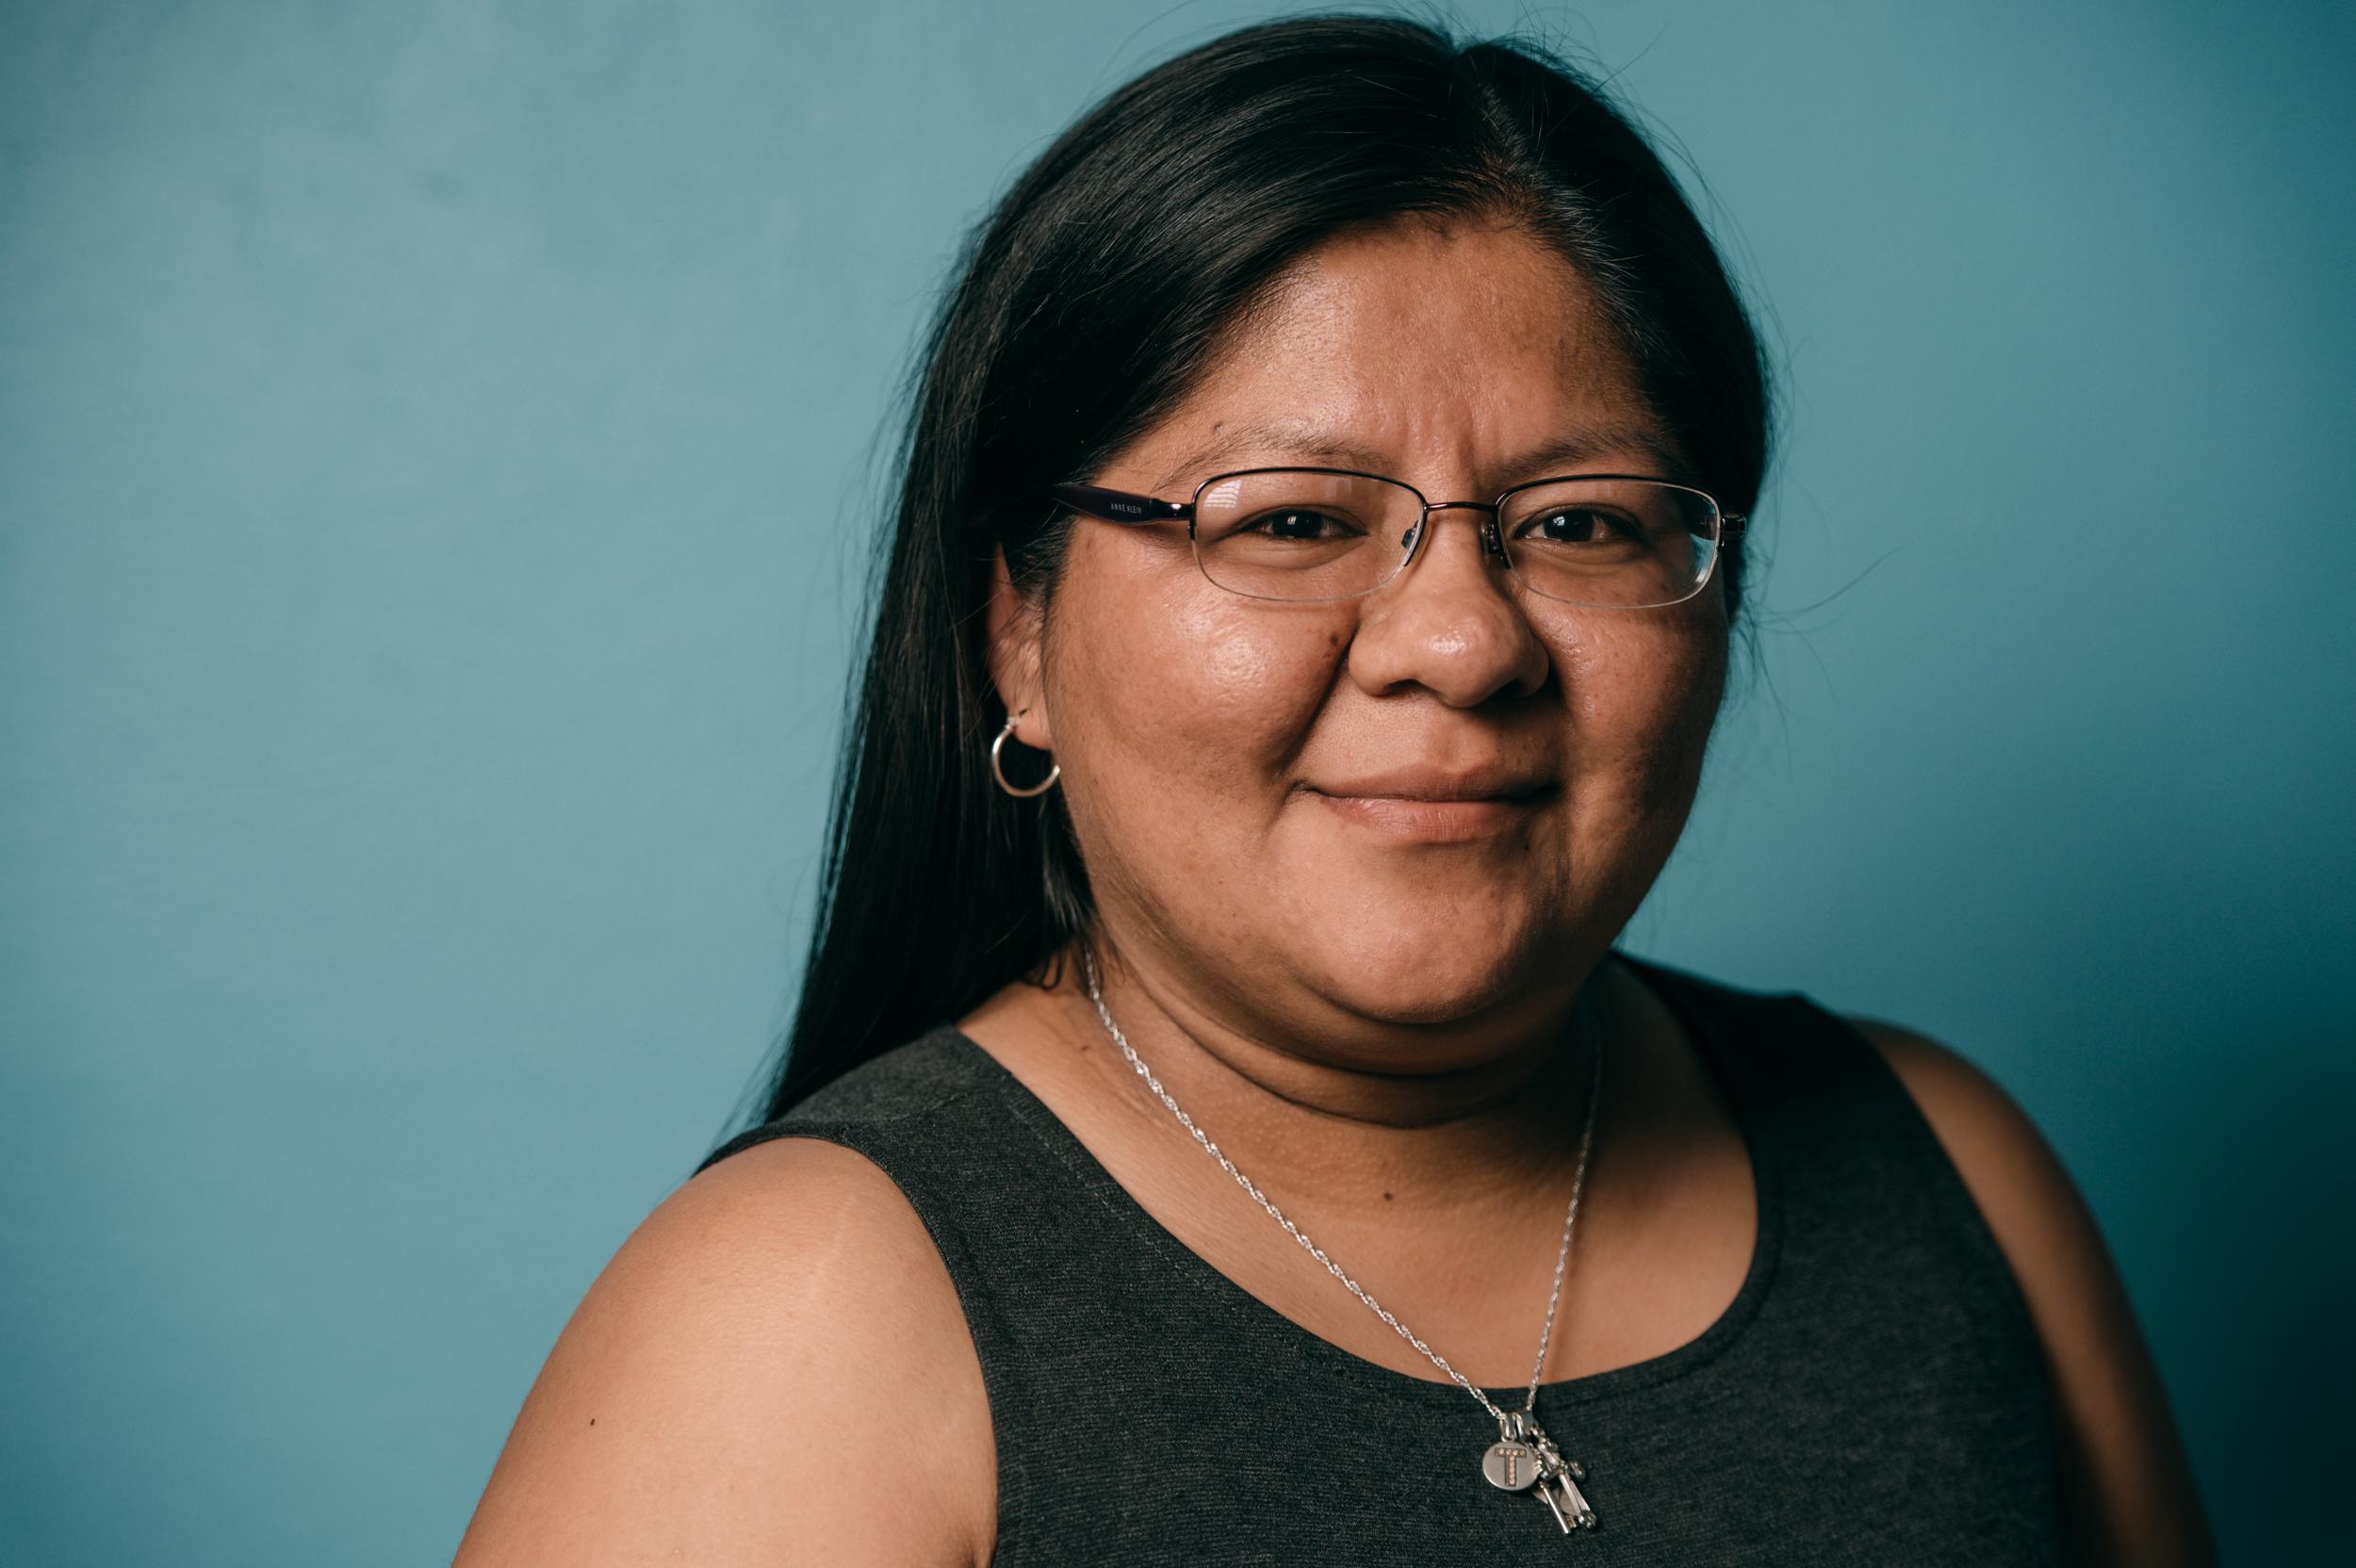 Tere Flores, Organizer / Voter Integration Lead